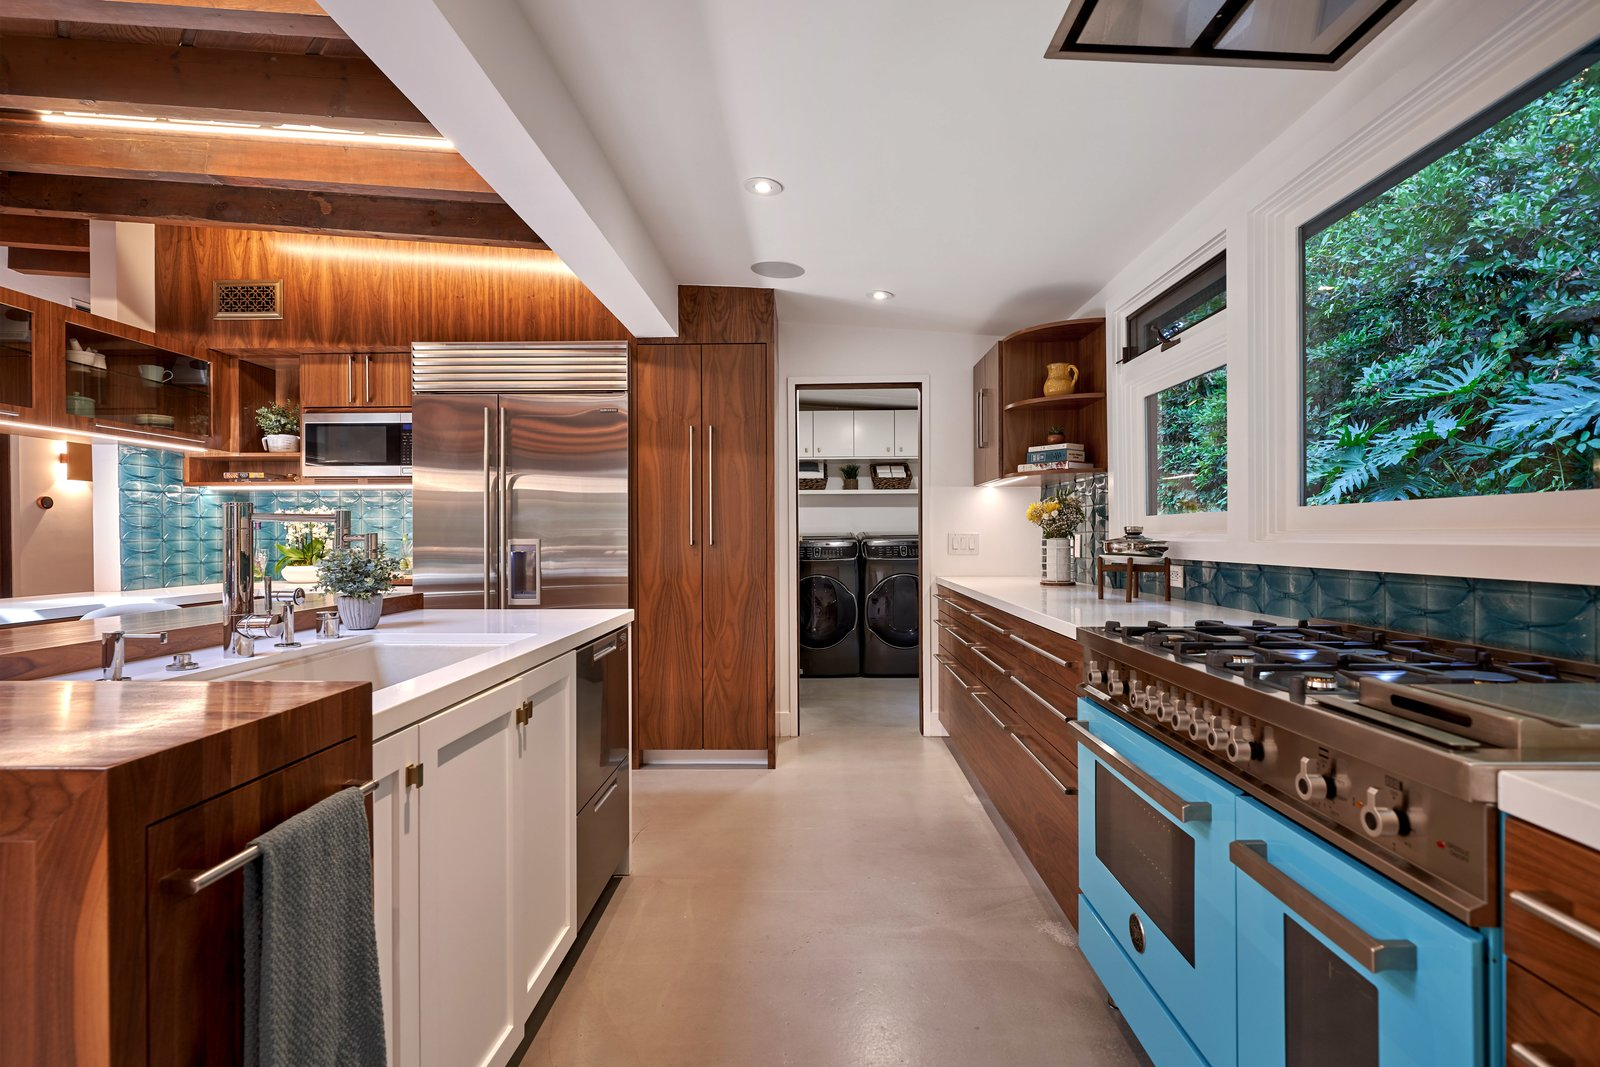 Millard Kaufman Residence kitchen